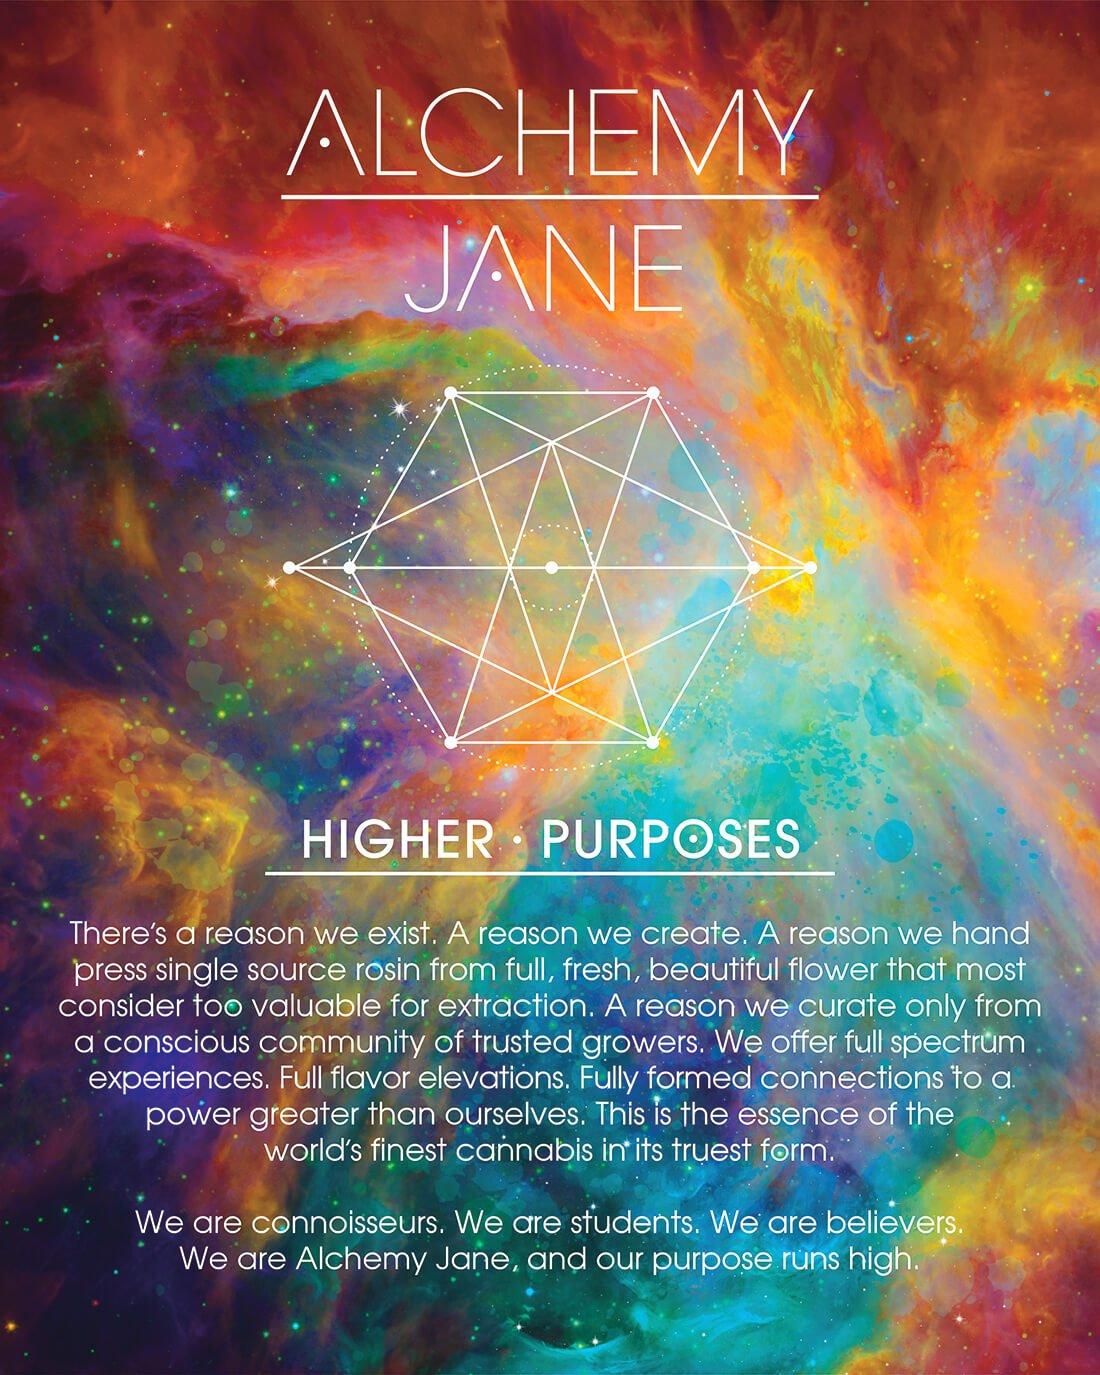 Alchemy Jane Manifesto